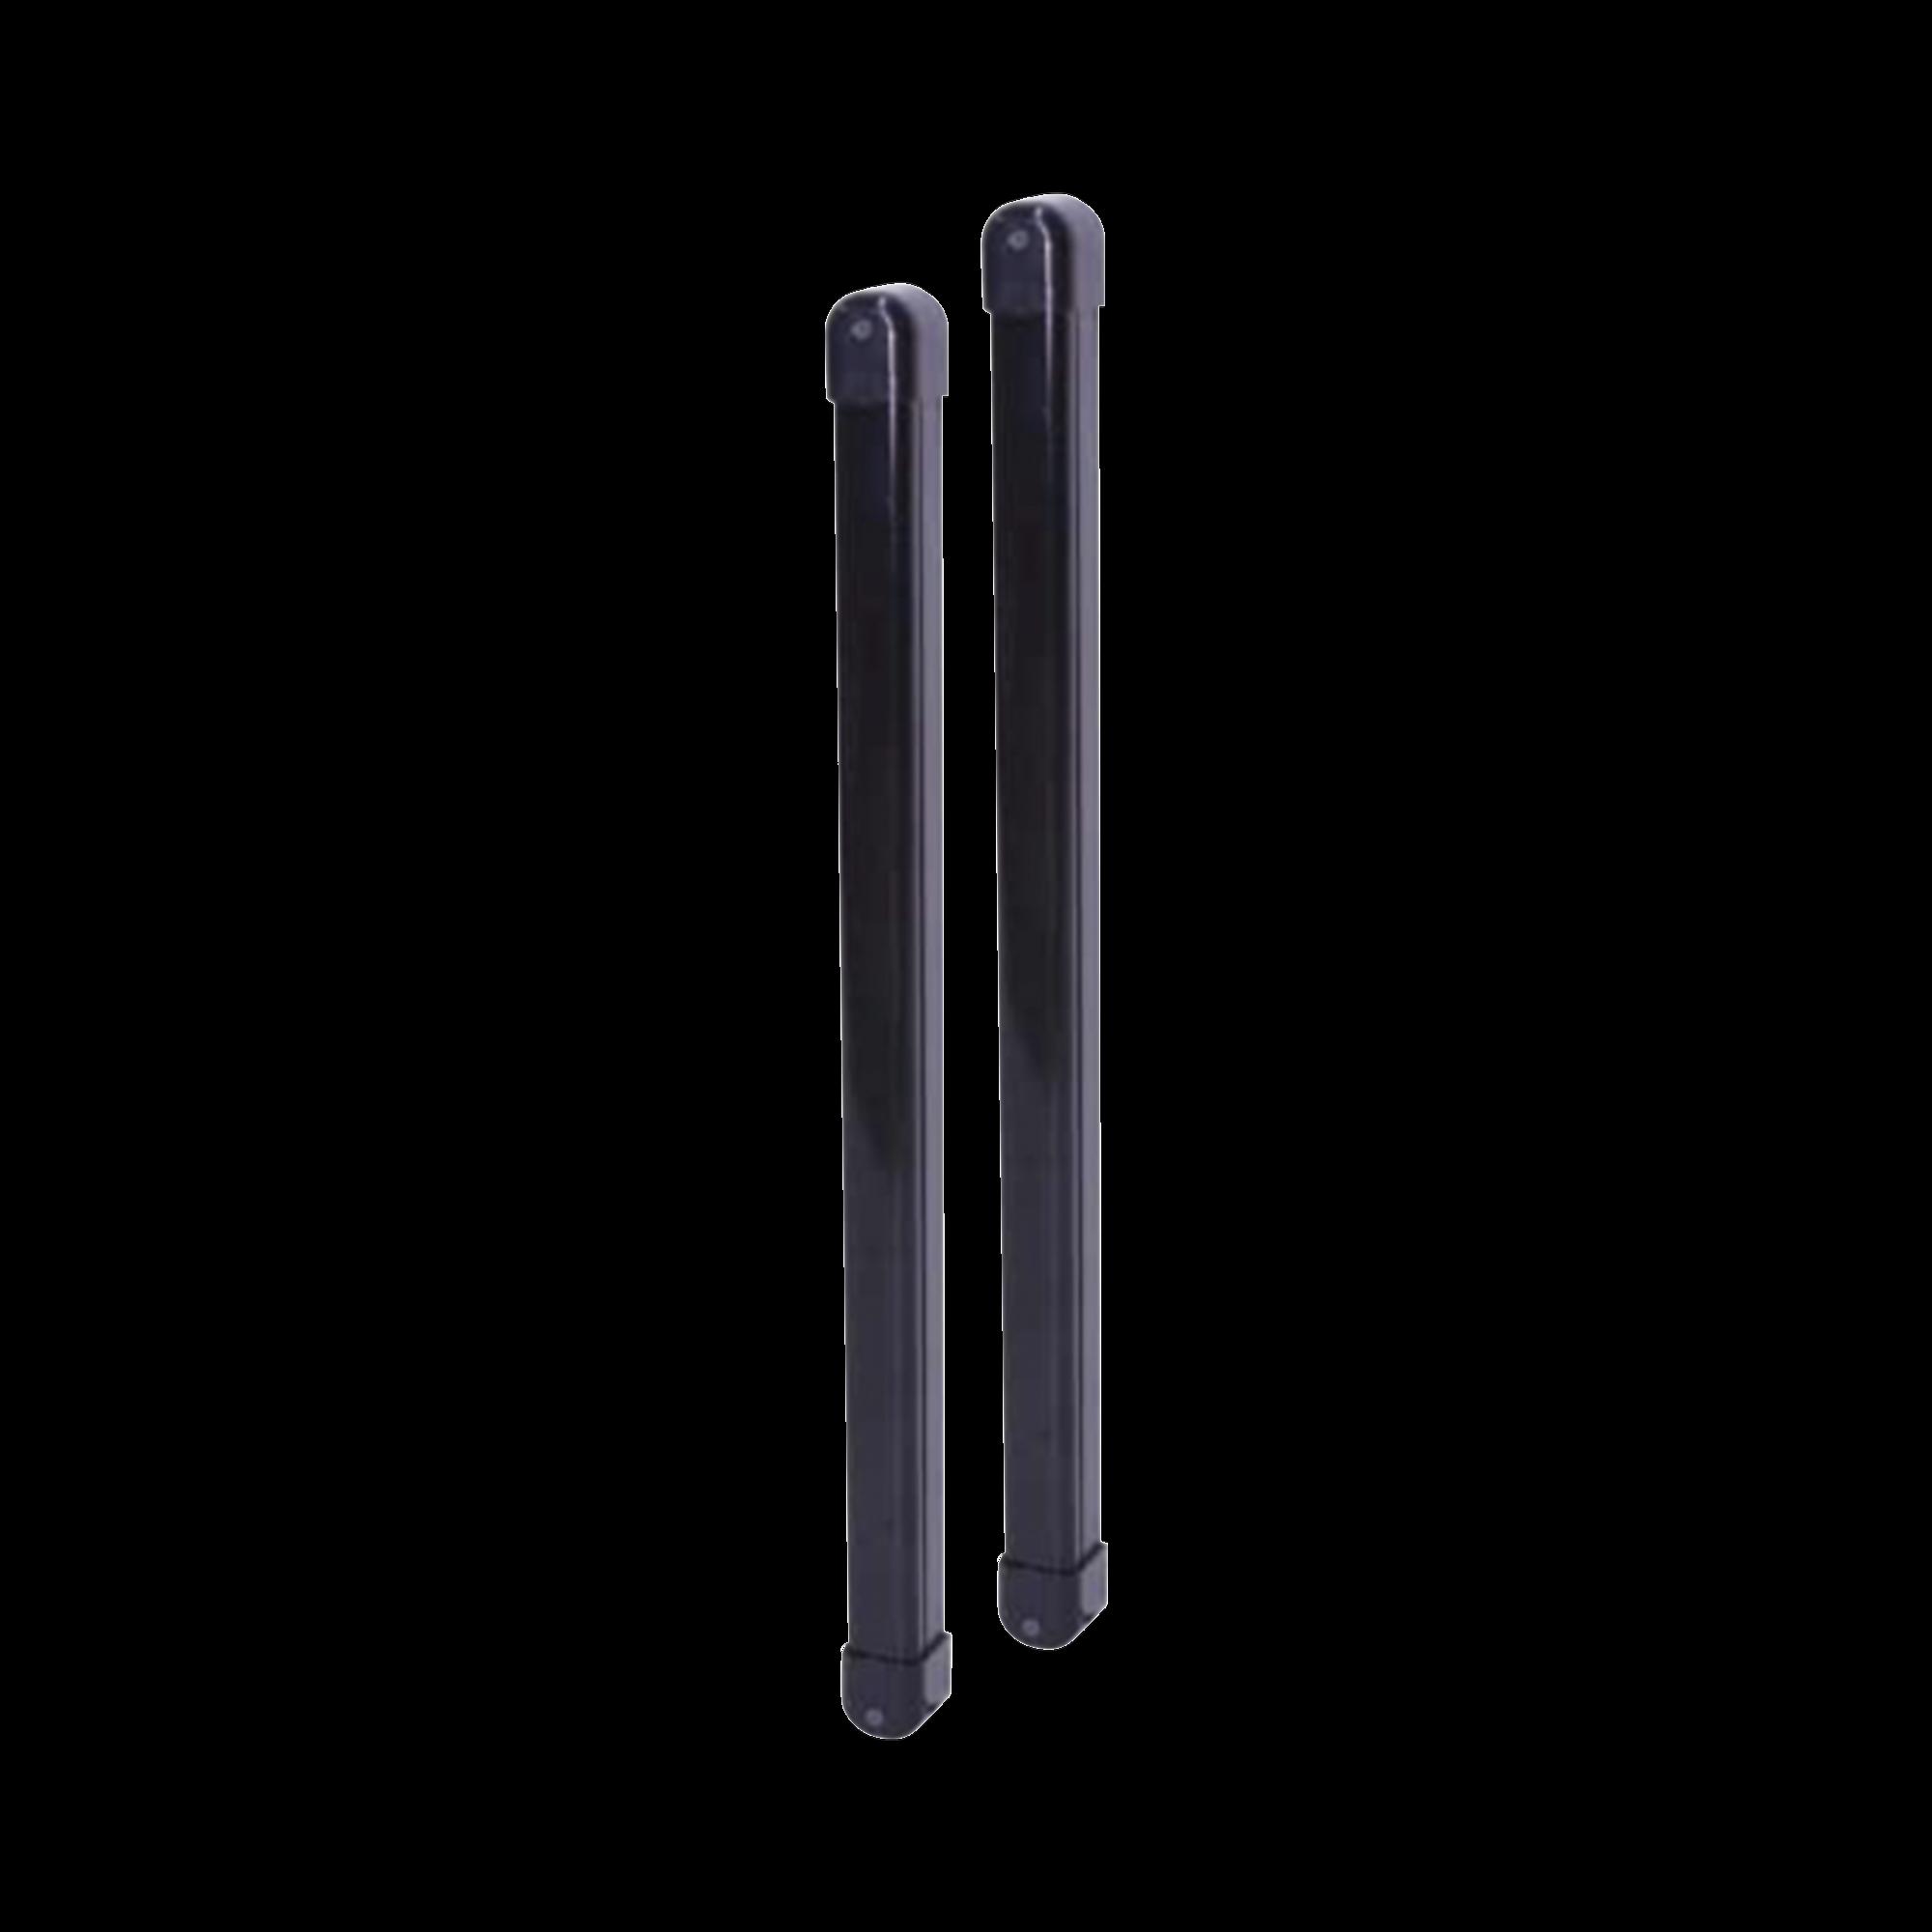 Barrera fotoeléctrica /Ultra delgada / Aplicación en Exterior/15 metros de protección / Compatible con cualquier panel de alarma/Todo tipo de aplicaciones/ A baterias